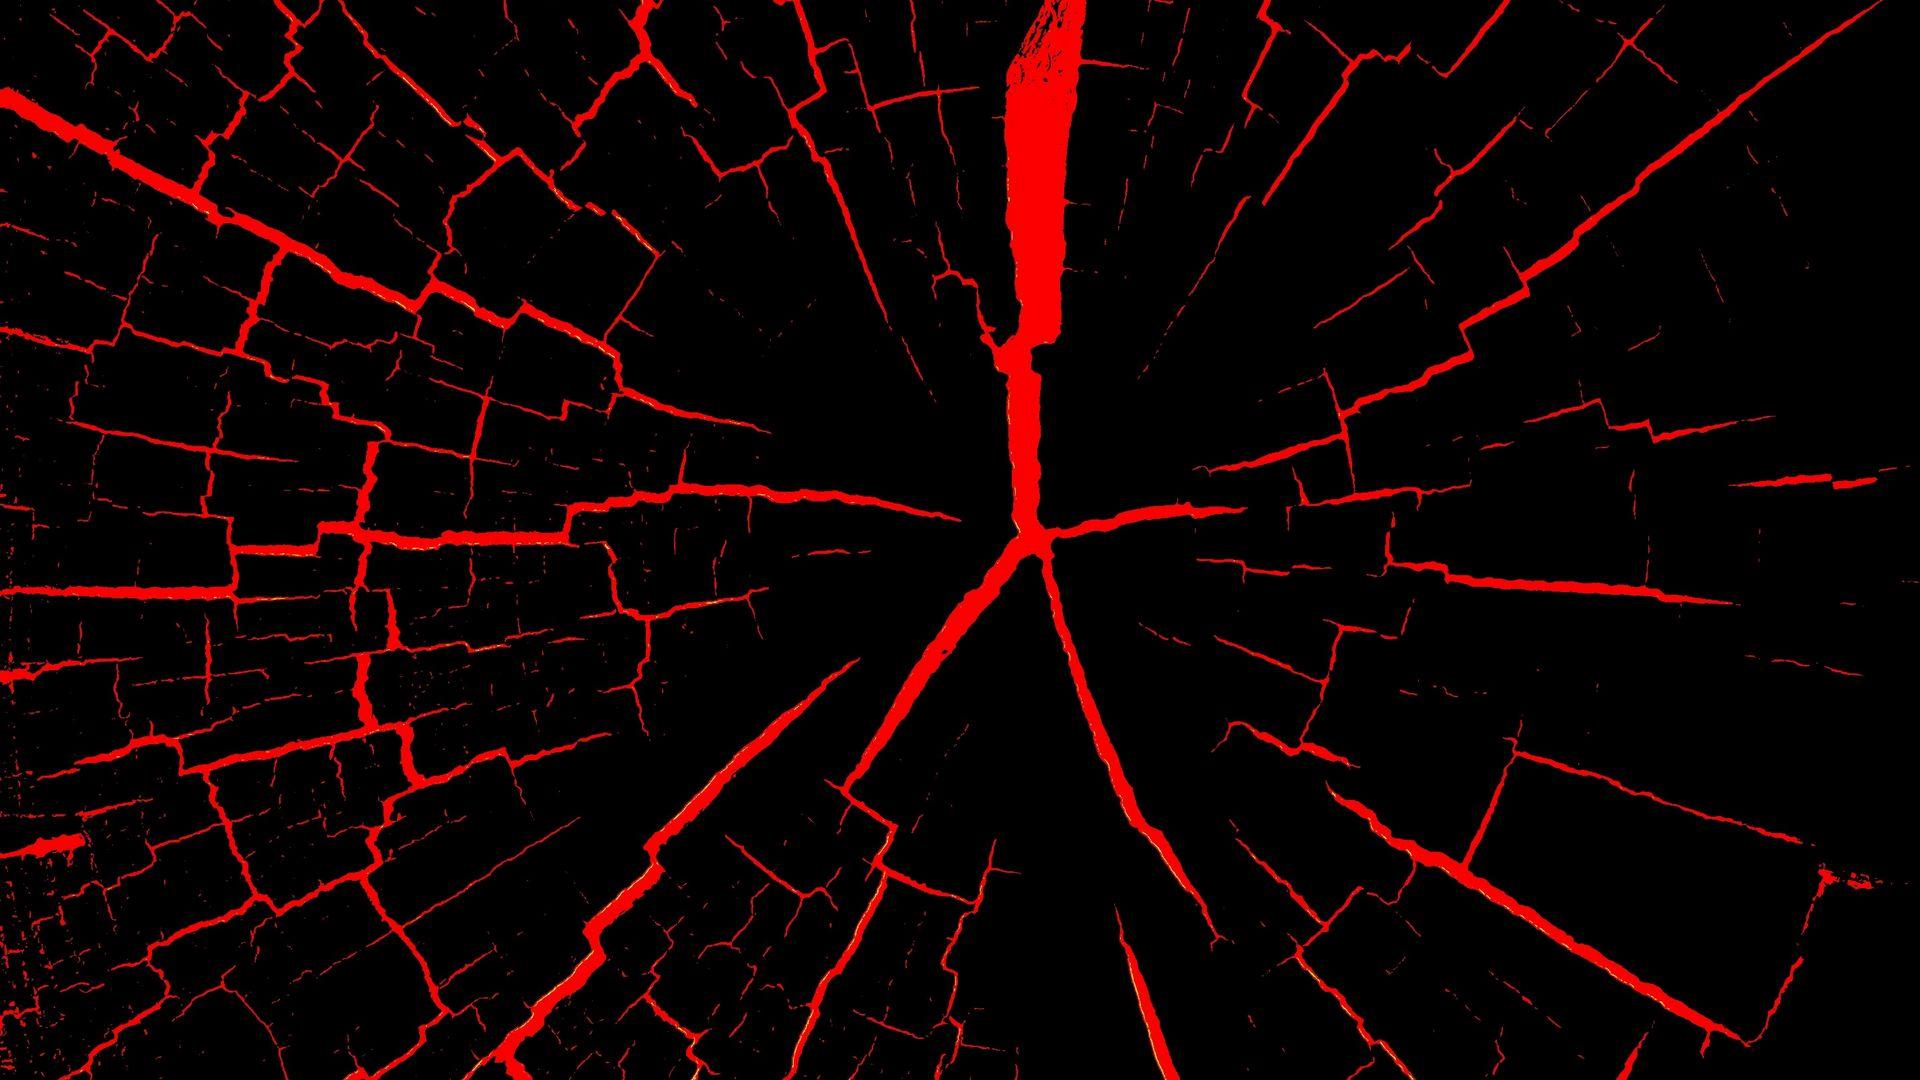 1920x1080 Wallpaper cranny, red, black